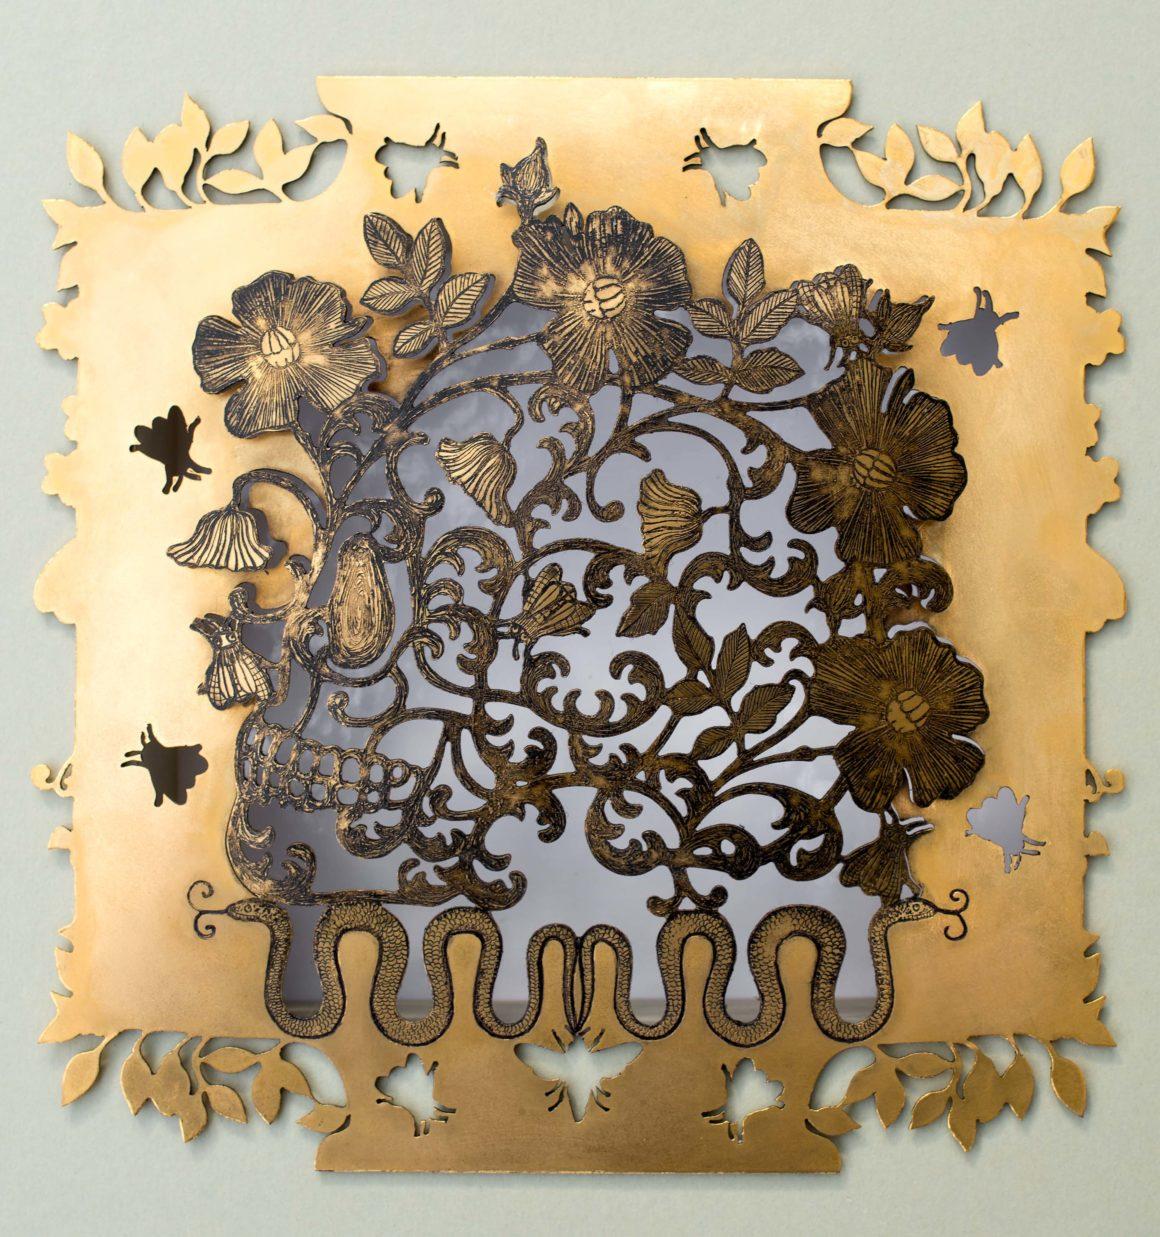 Galerie Nathalie Béreau